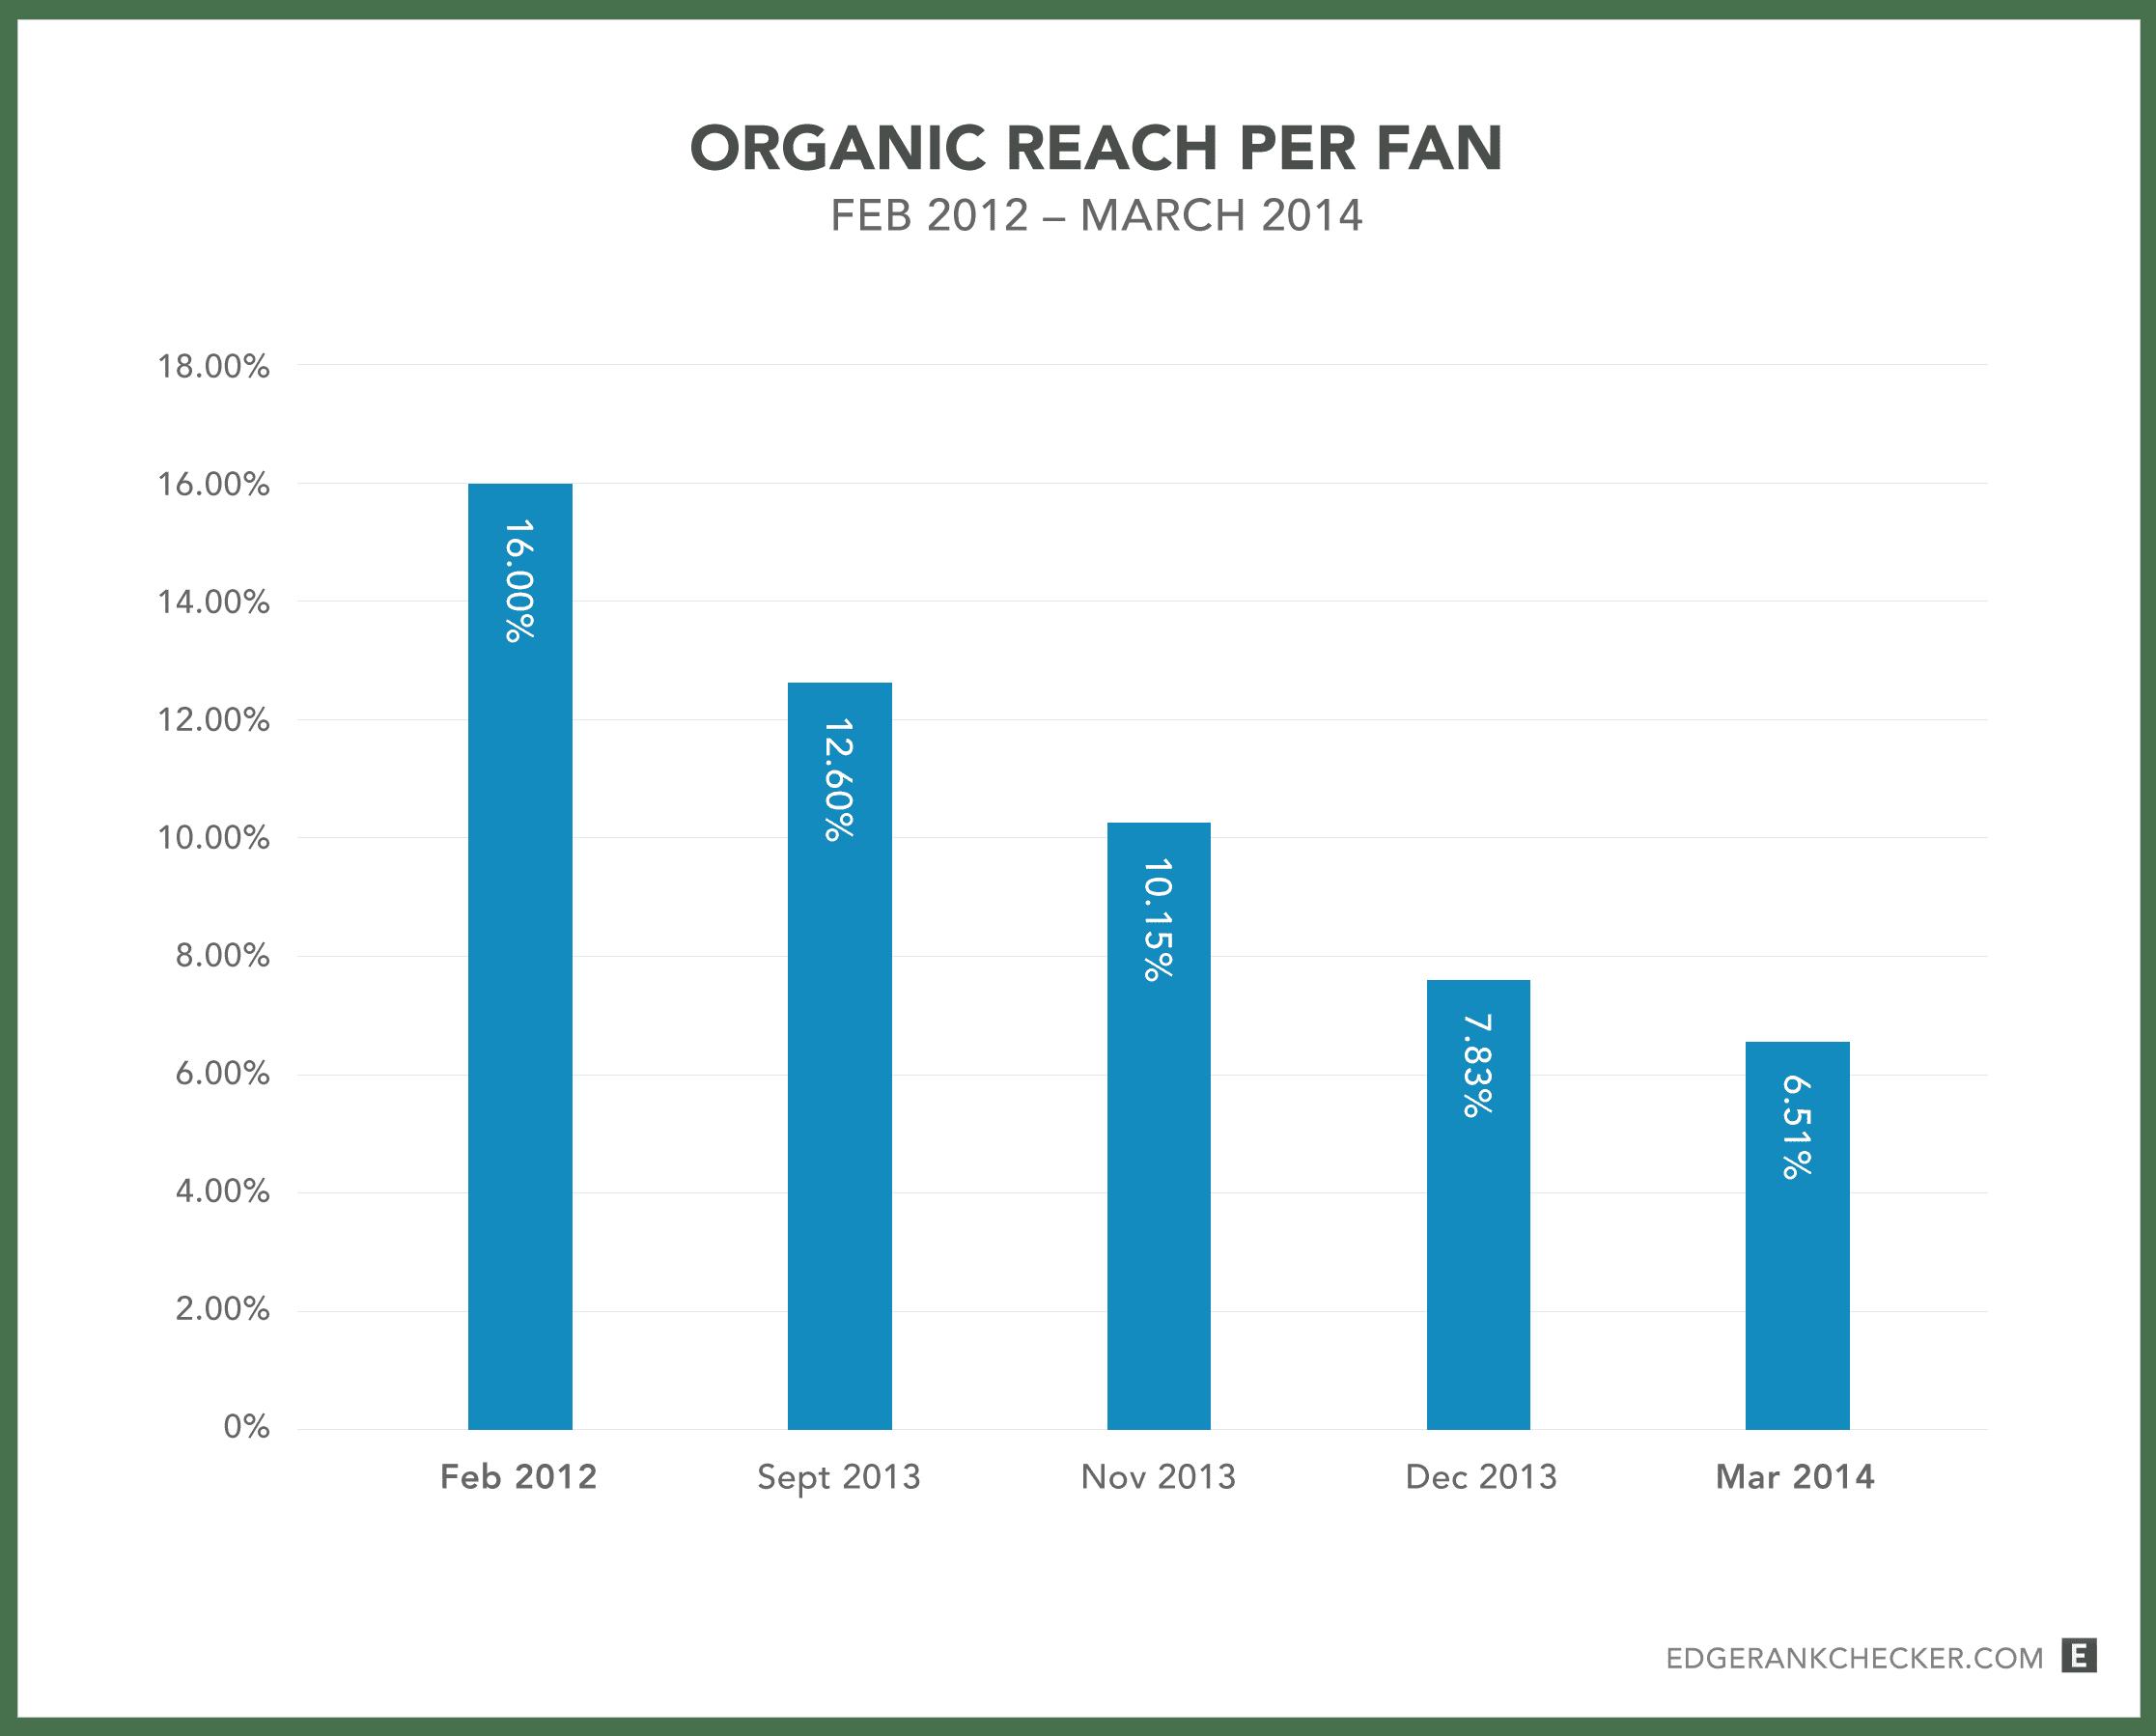 Organic-Reach-Fan-Feb12-Mar14